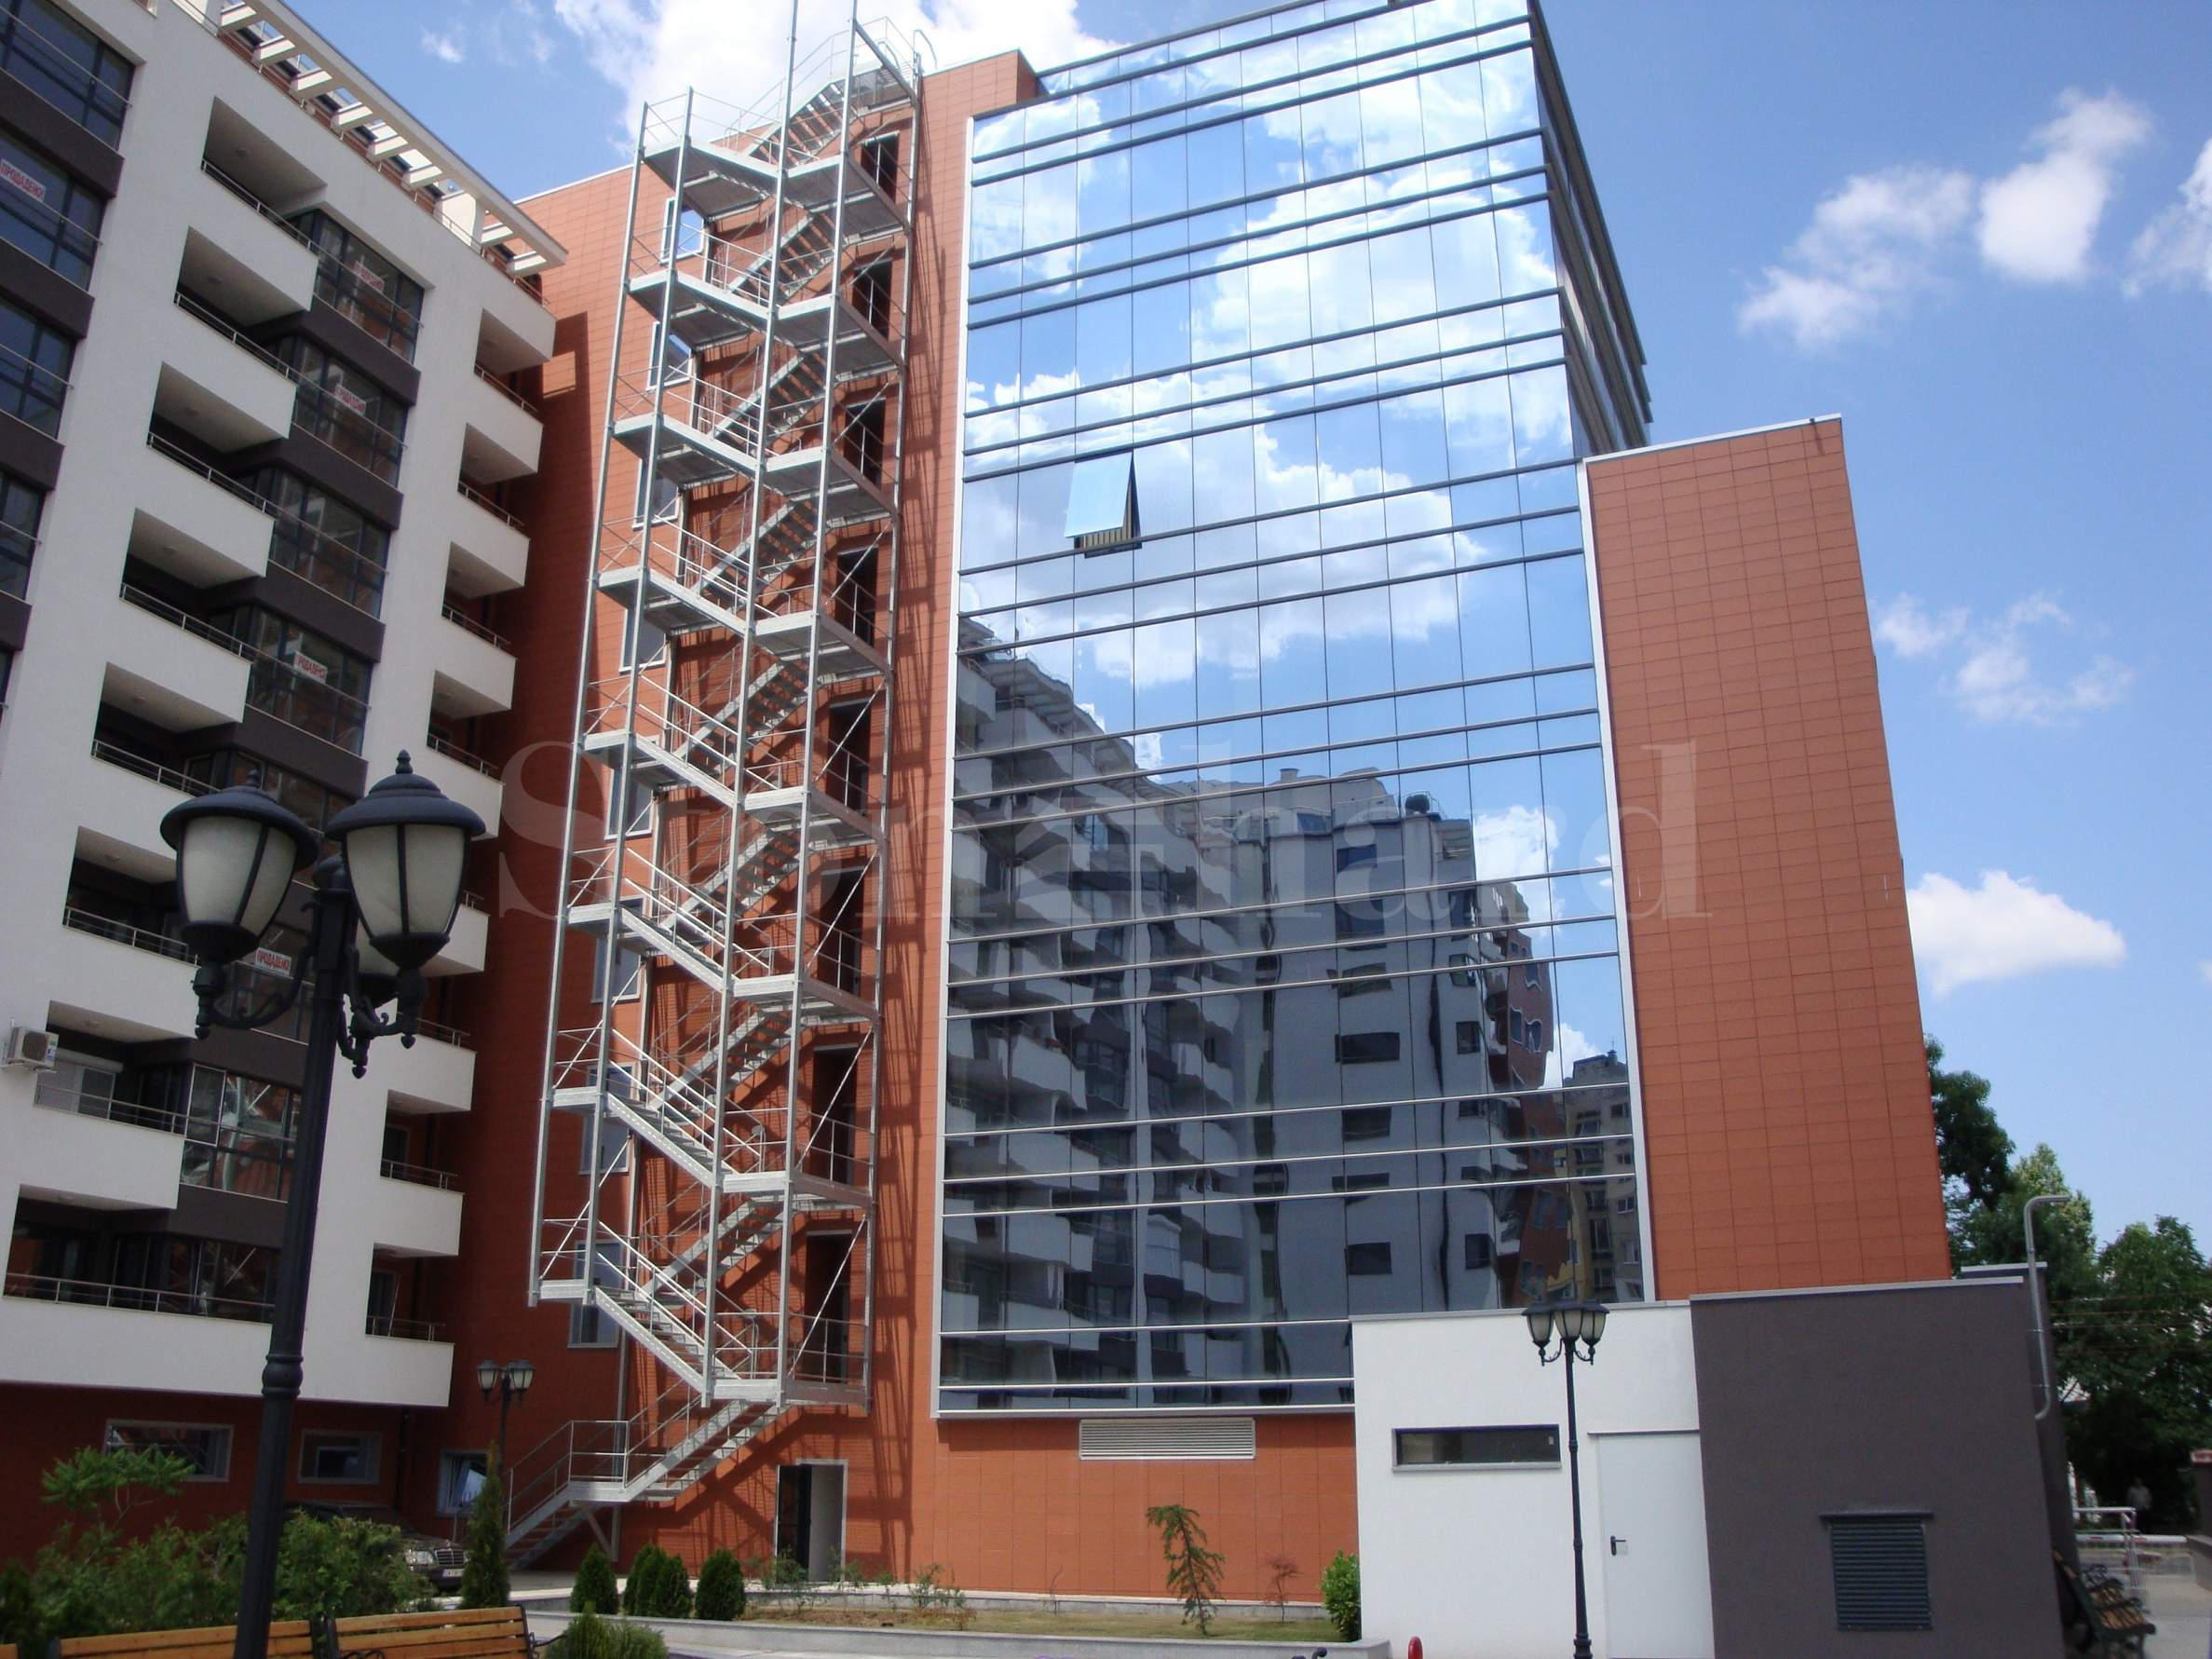 Луксозна бизнес сграда с офиси близо до метростанция Константин Величков 1 - Stonehard